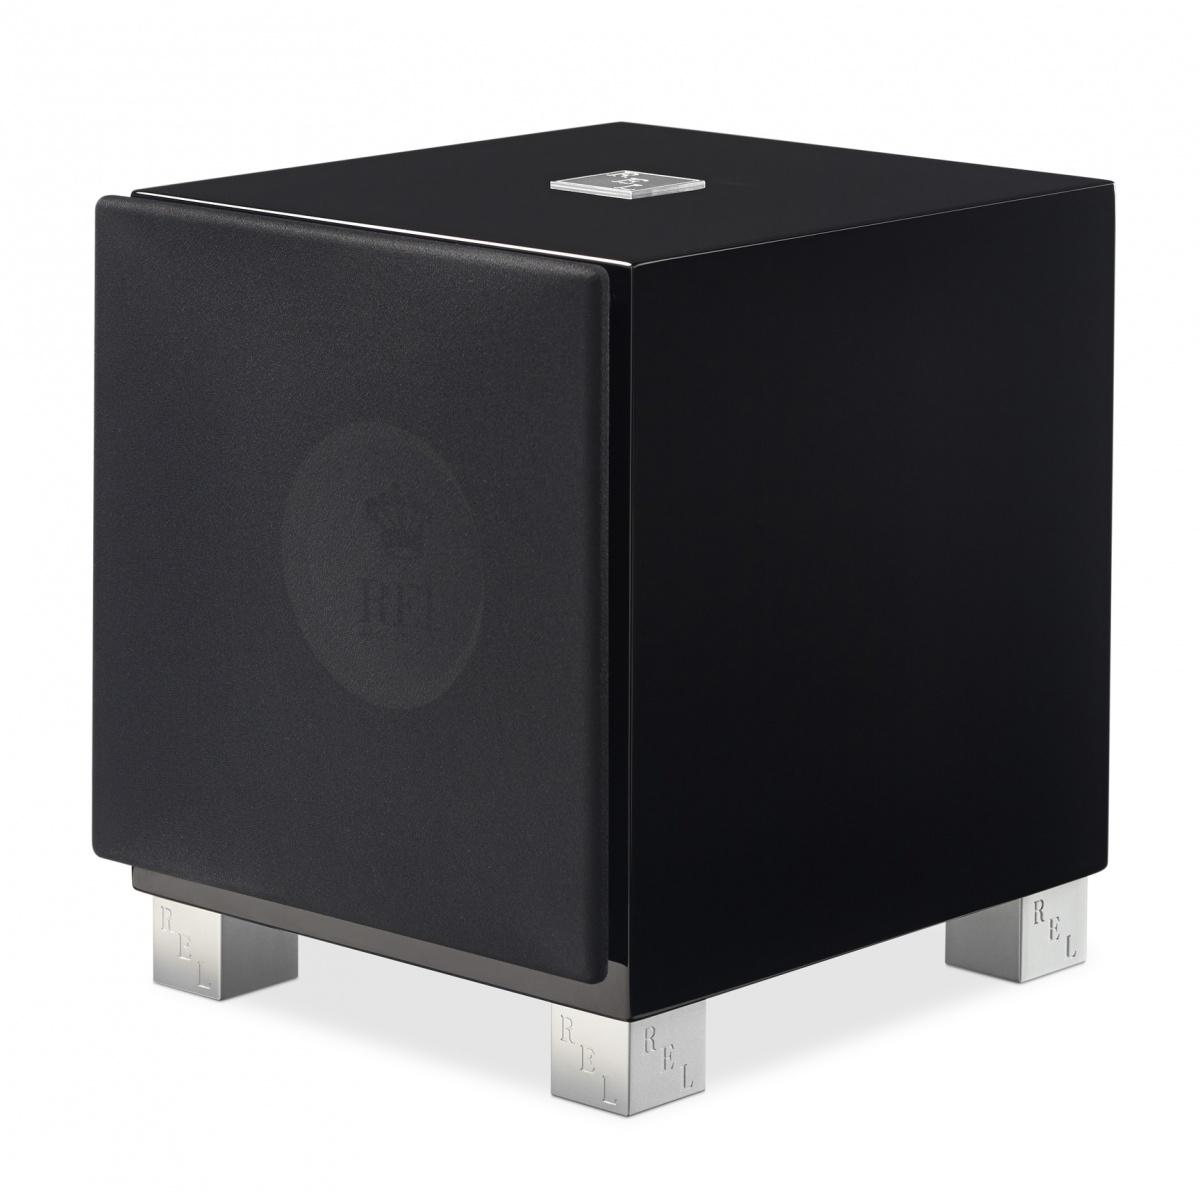 [TTKM] Ưu đãi lớn khi sắm sub nghe nhạc hi-end REL Acoustic tại Thiên Hà Audio